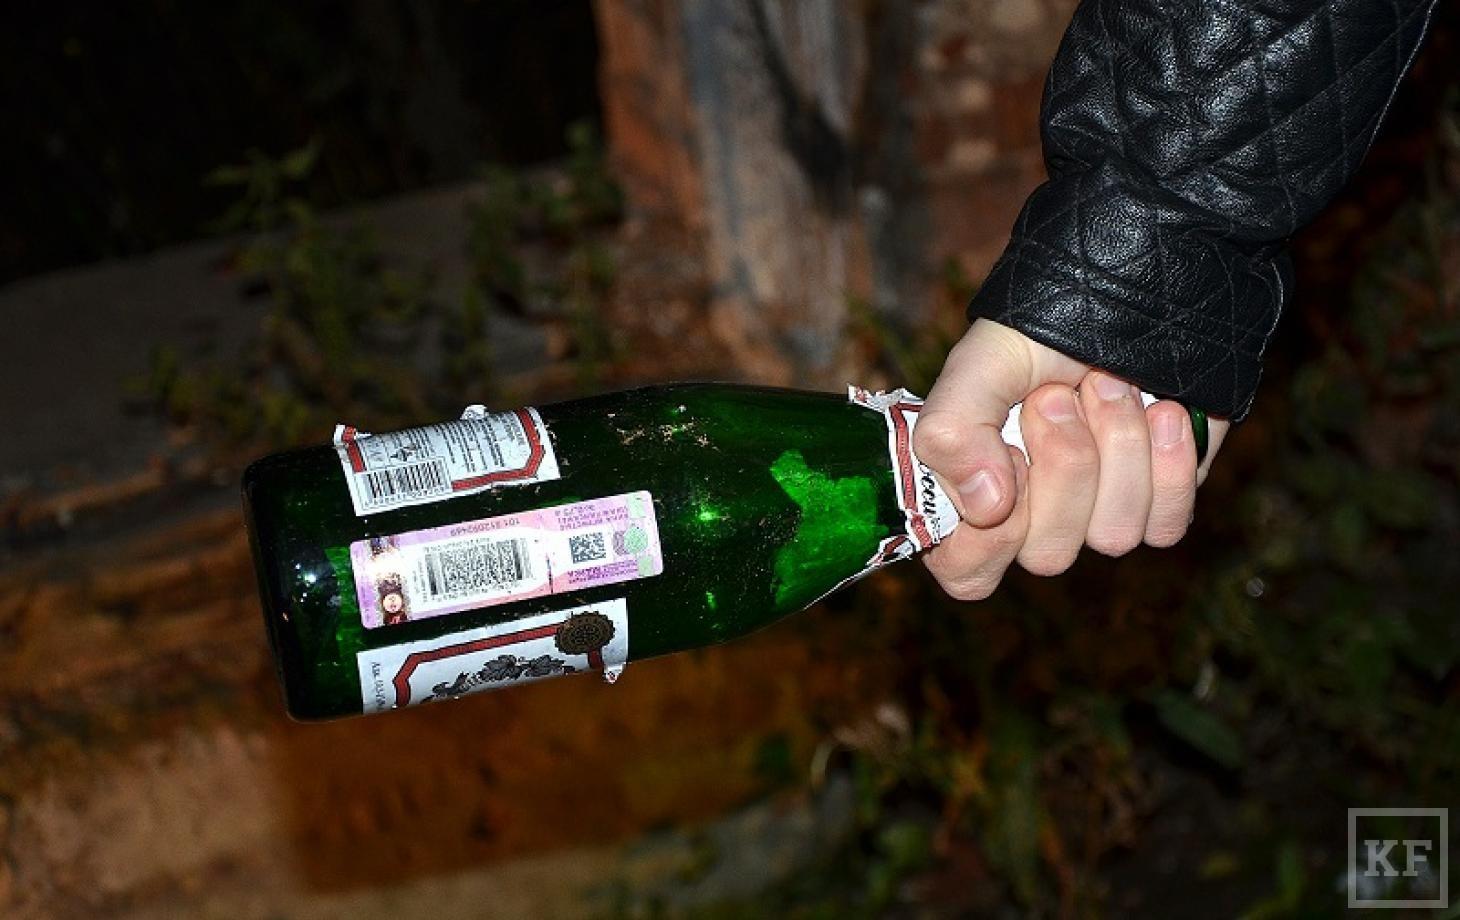 Село на бутылка, Порно с бутылкой - Жещины пихают себе во влагалище 19 фотография